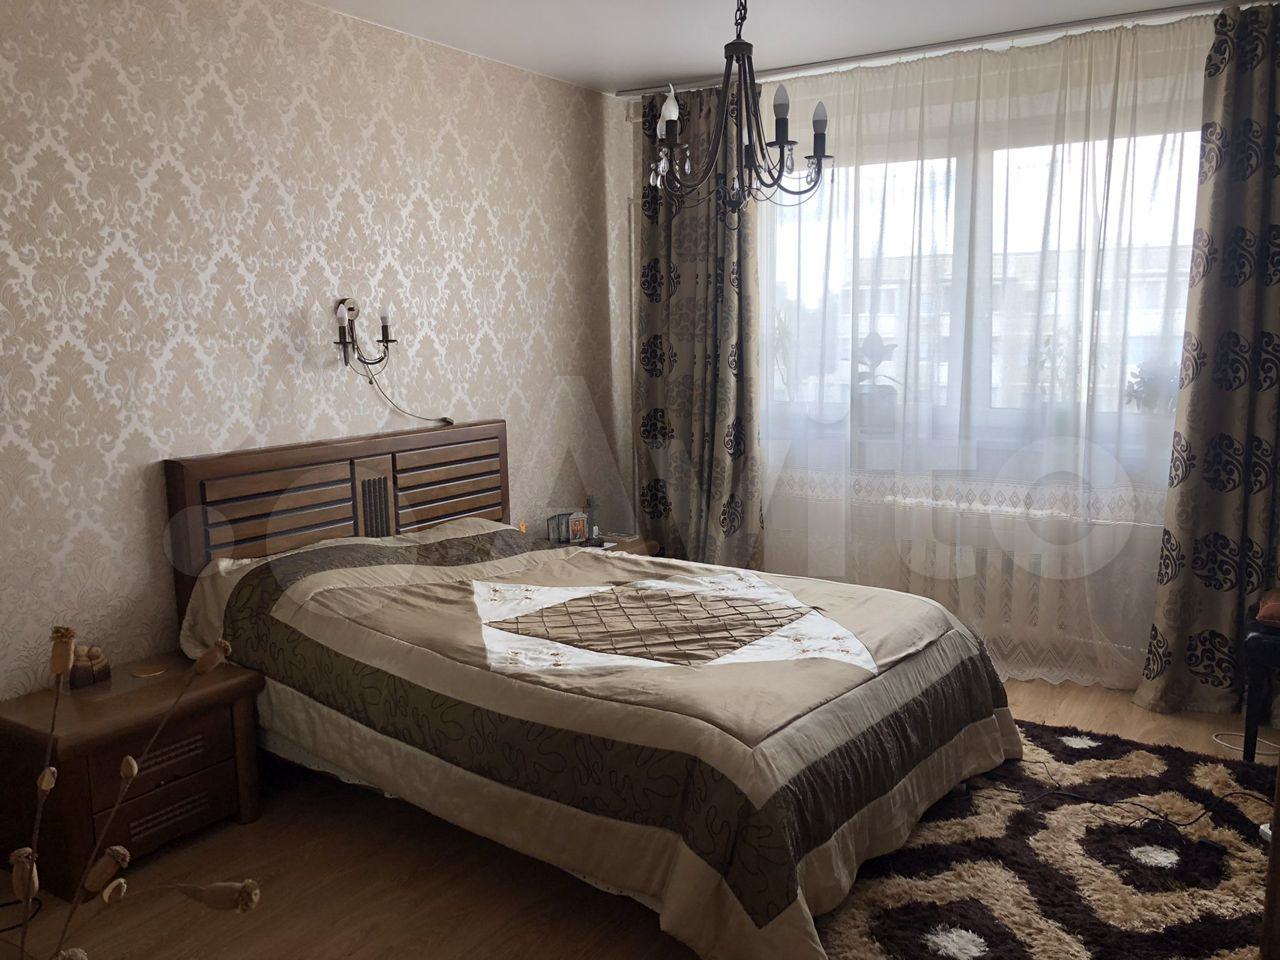 4-к квартира, 92.3 м², 5/5 эт.  89655592998 купить 4